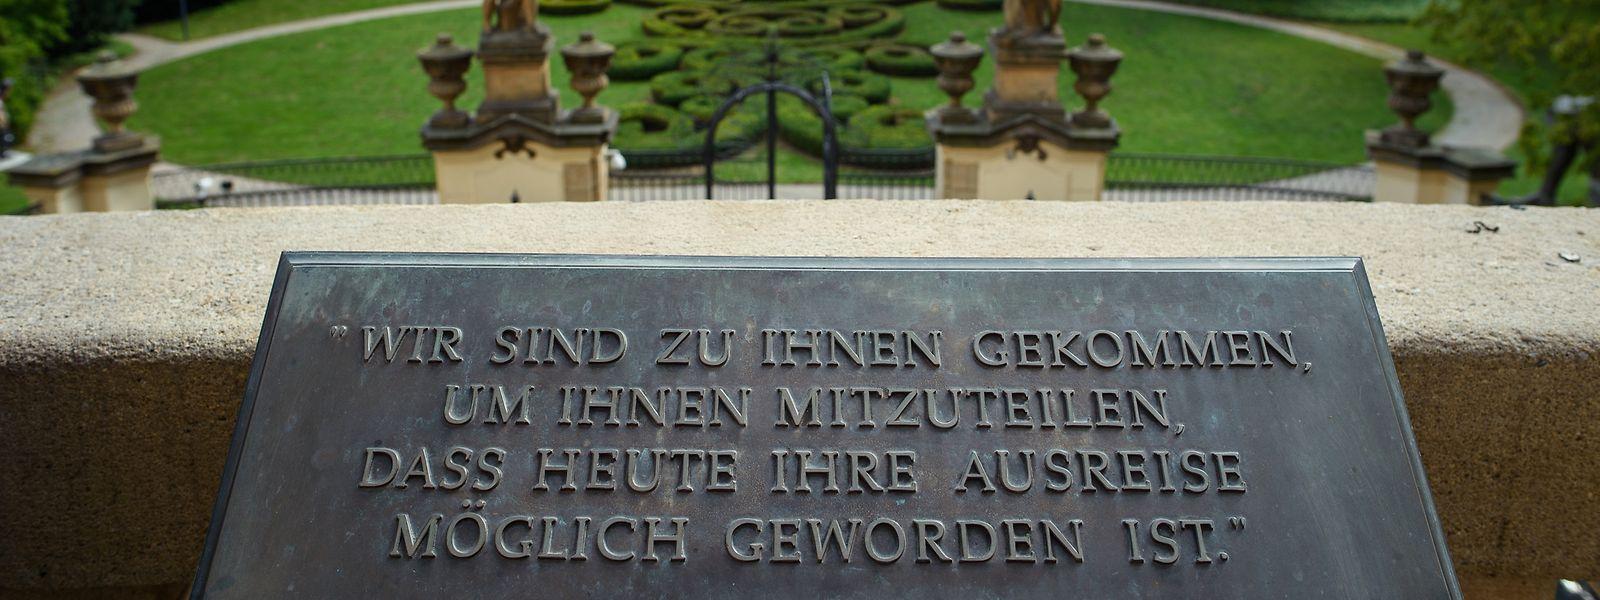 Der wahrscheinlich berühmteste unvollendete Satz der Weltgeschichte ist in voller Länge auf dem Balkon der Prager Botschaft verewigt.